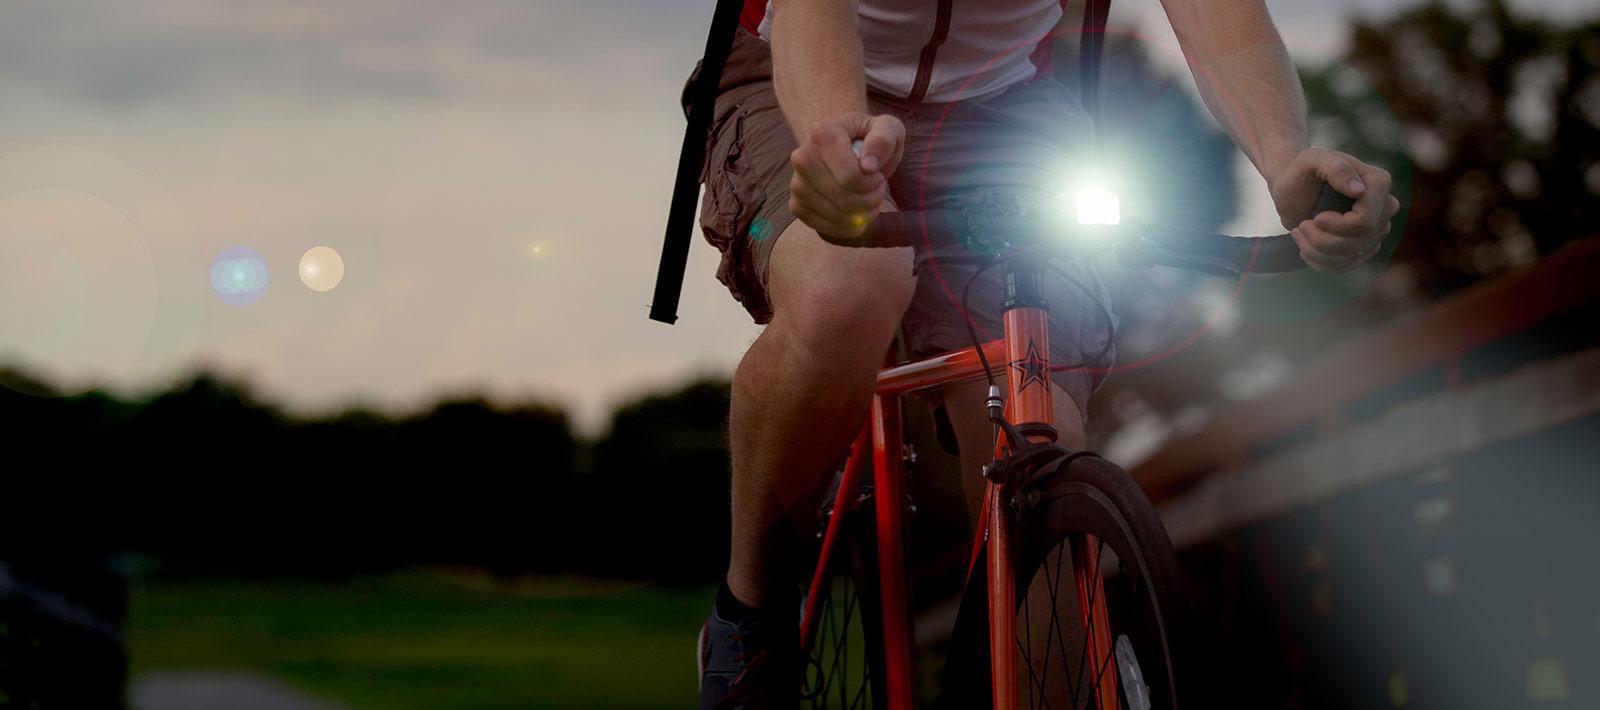 Varia - Deportes y Recreación | Garmin